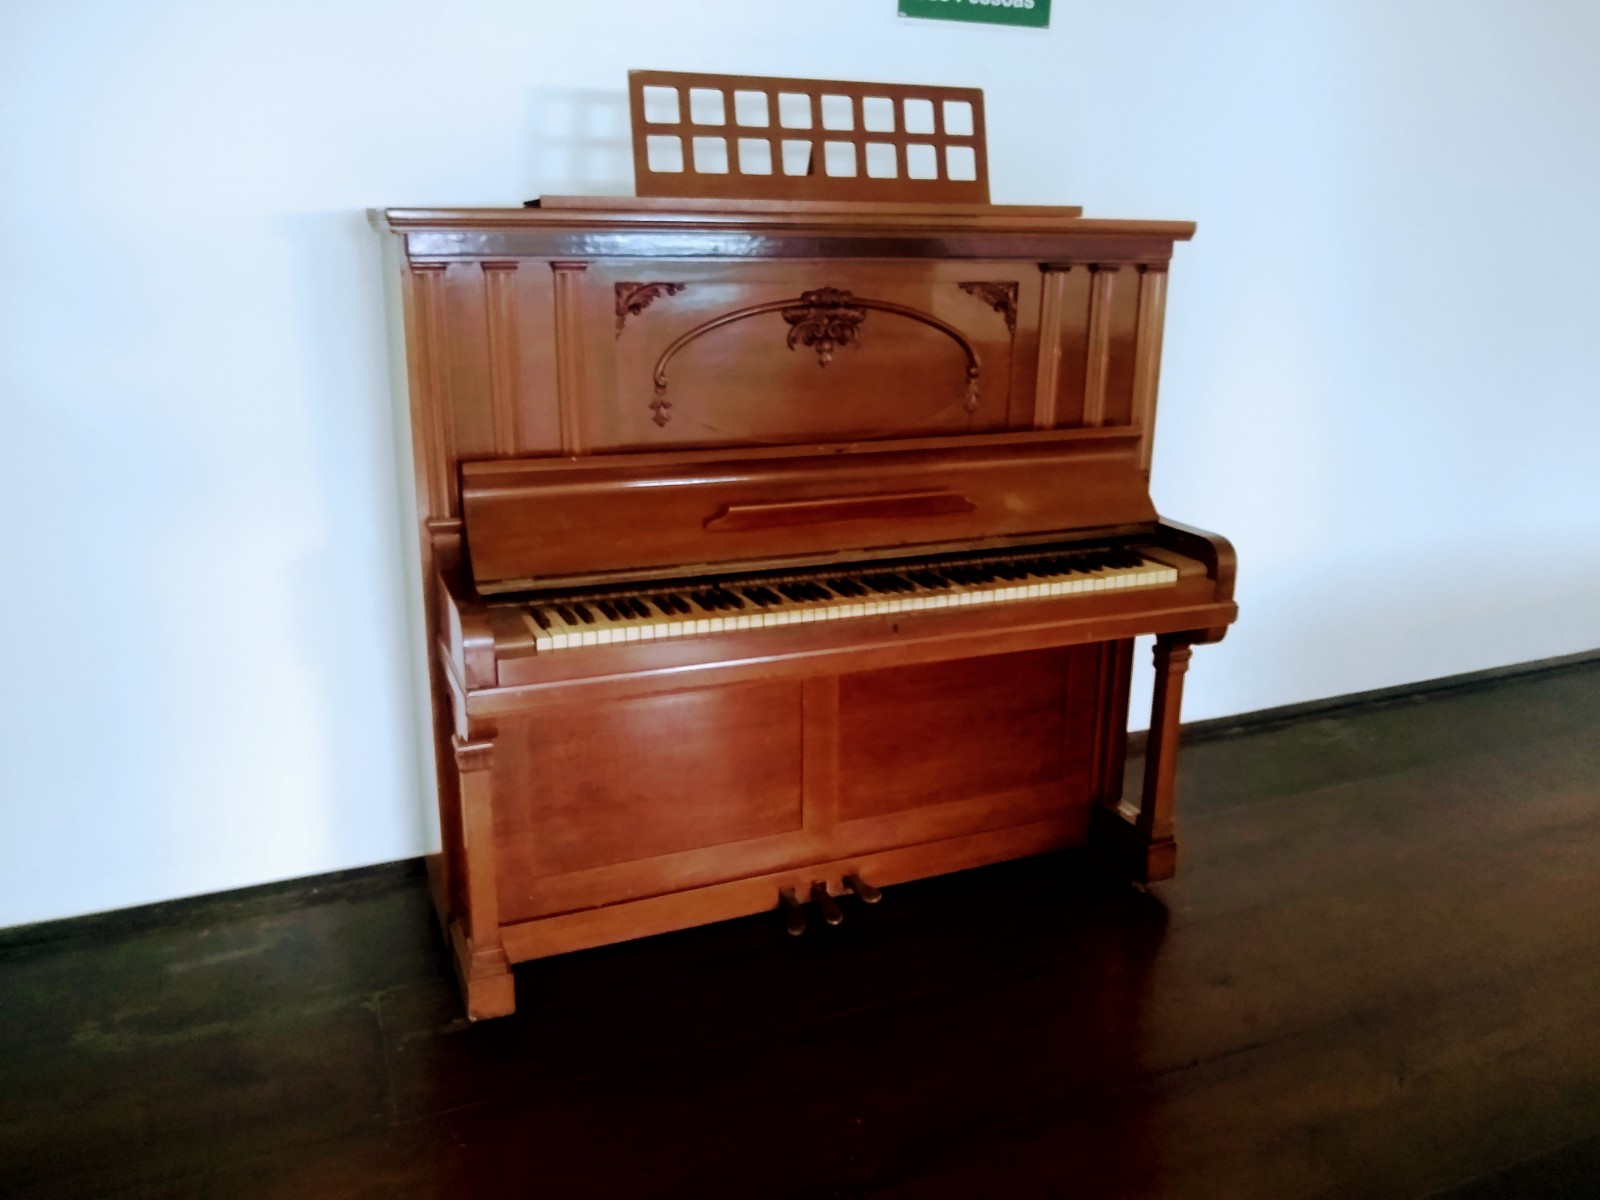 Piano alemão Schiedmayer Stuttgart – Na internet, tem modelos parecidos à venda, comprados em 1935, de R$ 10 a R$ 40 mil. Pertenceu à UCSal